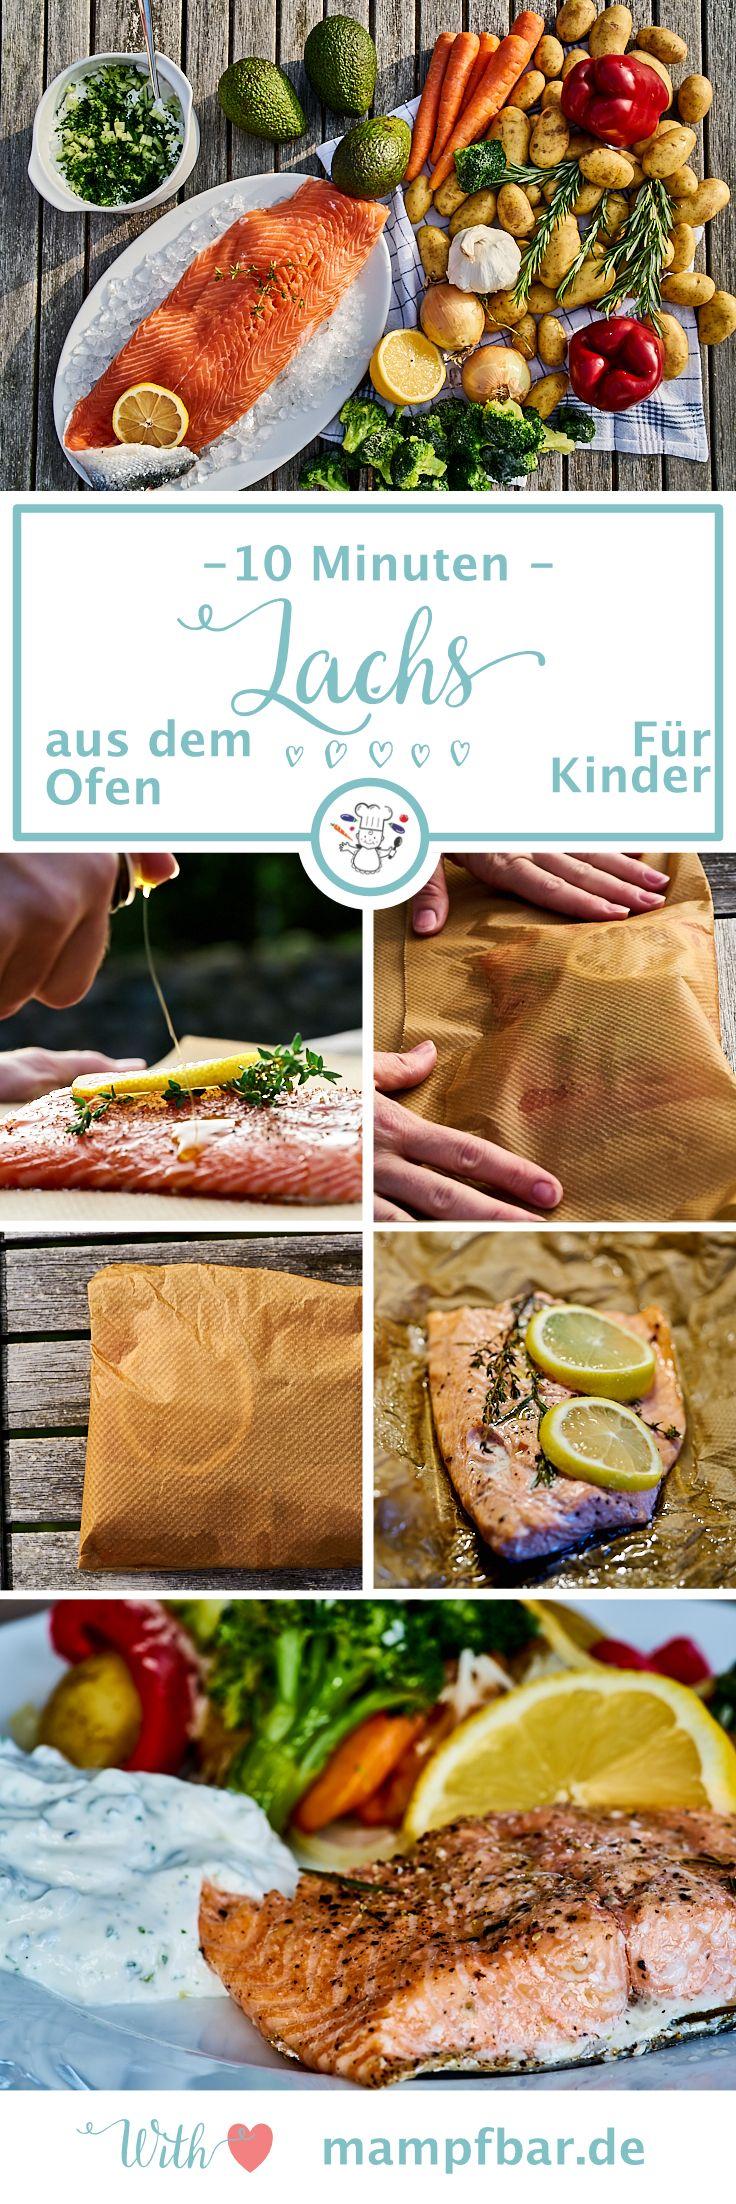 Schnell, einfach und richtig lecker: dieser Lachs aus dem Ofen ist in 10 Minuten fertig und ein super Gericht für Babys & Kinder. Klicke hier für das ganze Rezept und viele weitere leckere Ideen für deine Familie.